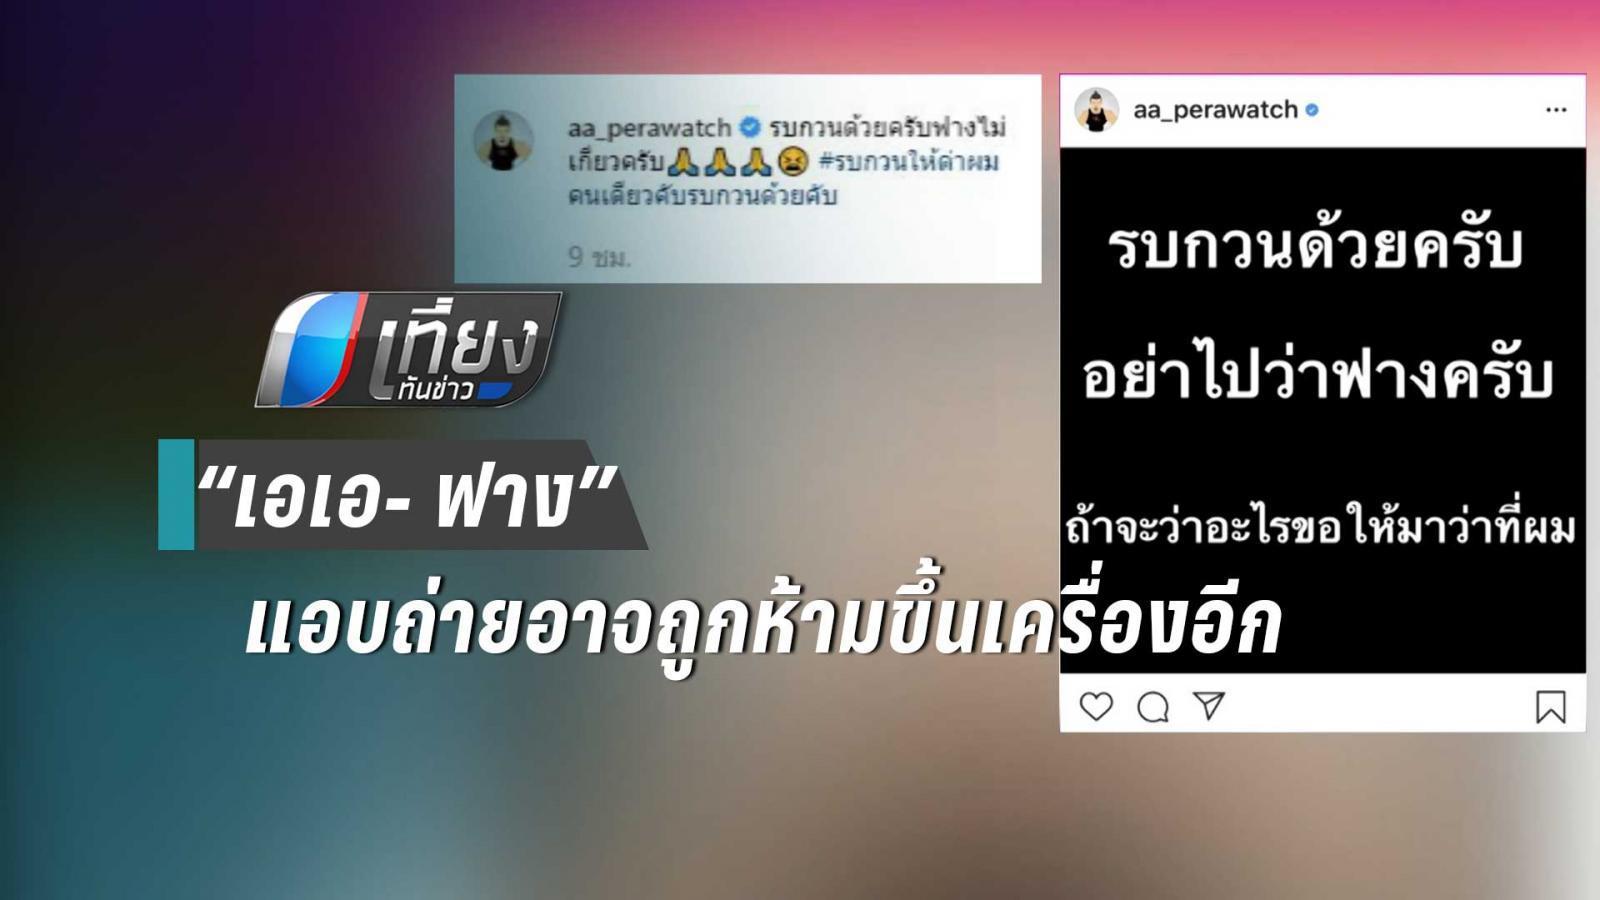 """การบินไทย เตือน """"เอเอ- ฟาง"""" แอบถ่ายอาจถูกห้ามขึ้นเครื่องอีก"""